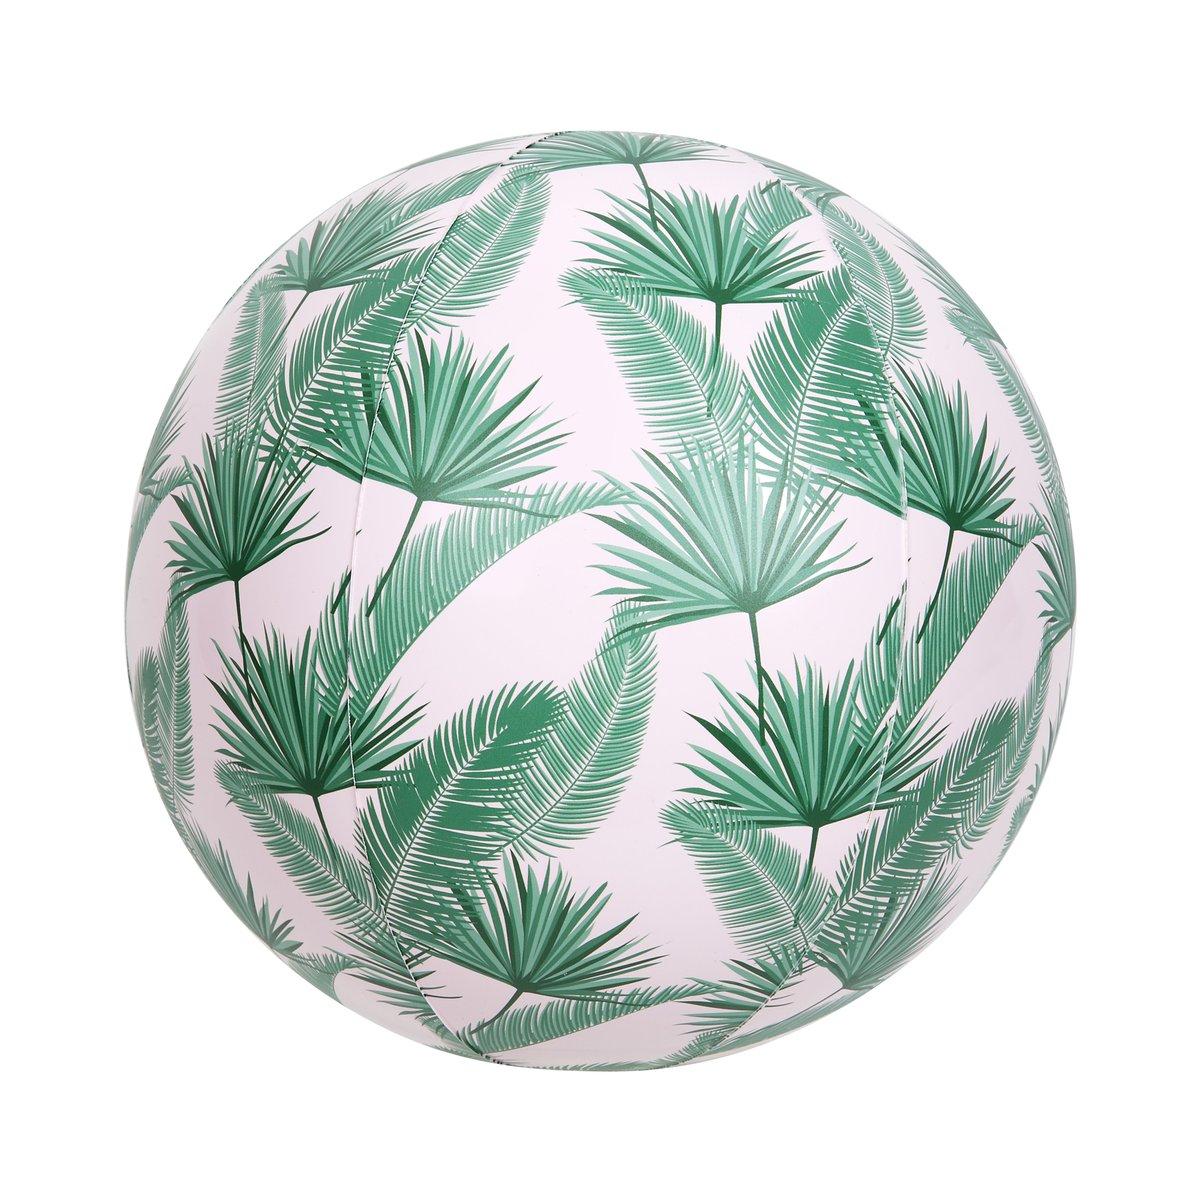 Ballon de plage gonflable feuilles de palmiers